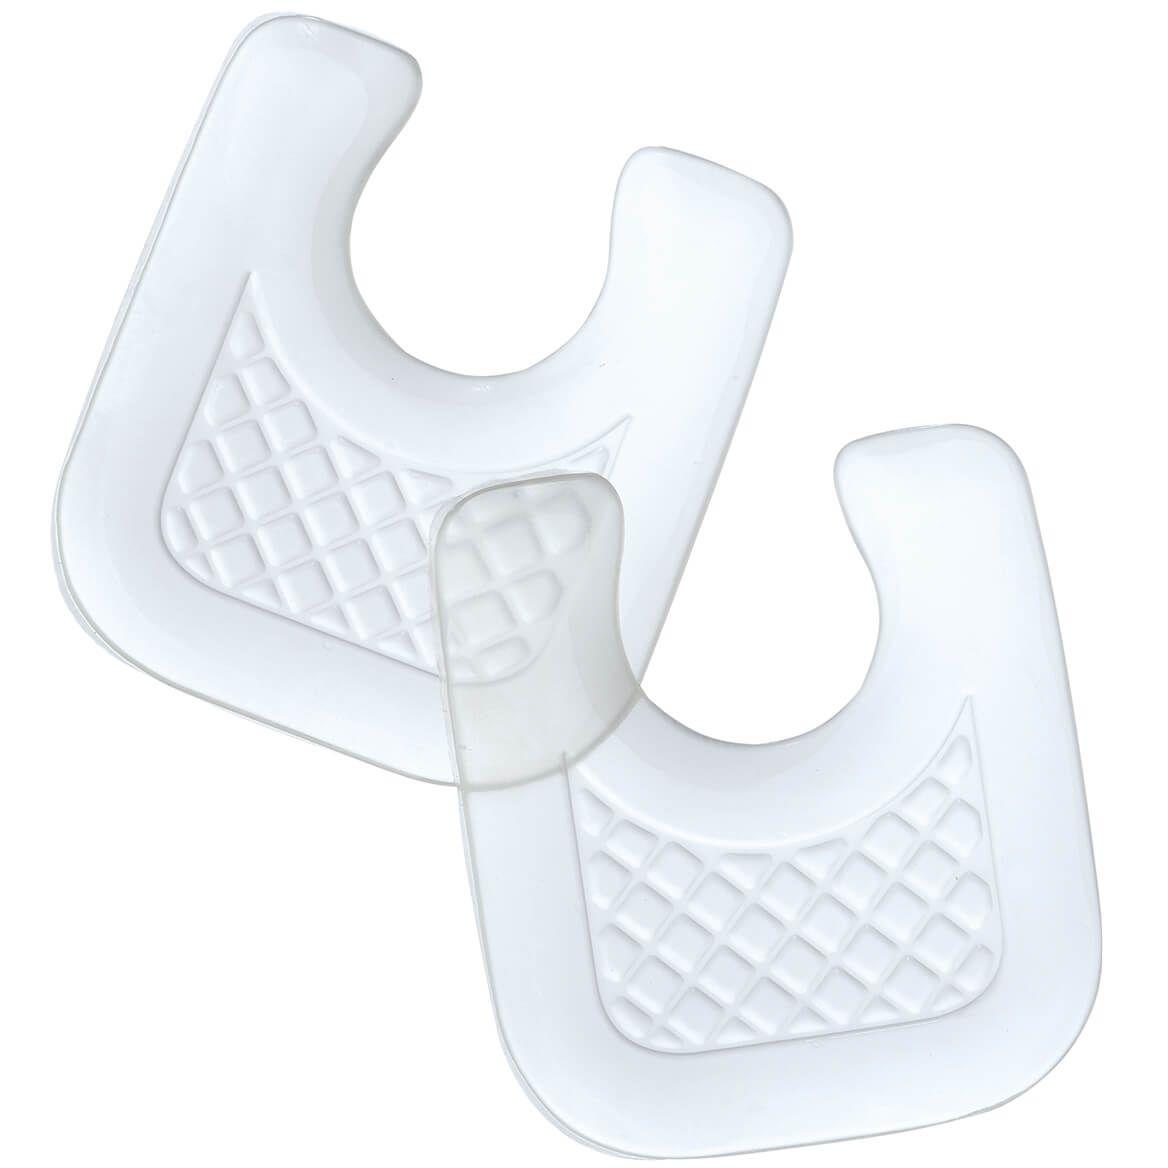 Silver Steps™ Gel Callus Pads, Set of 2-369245